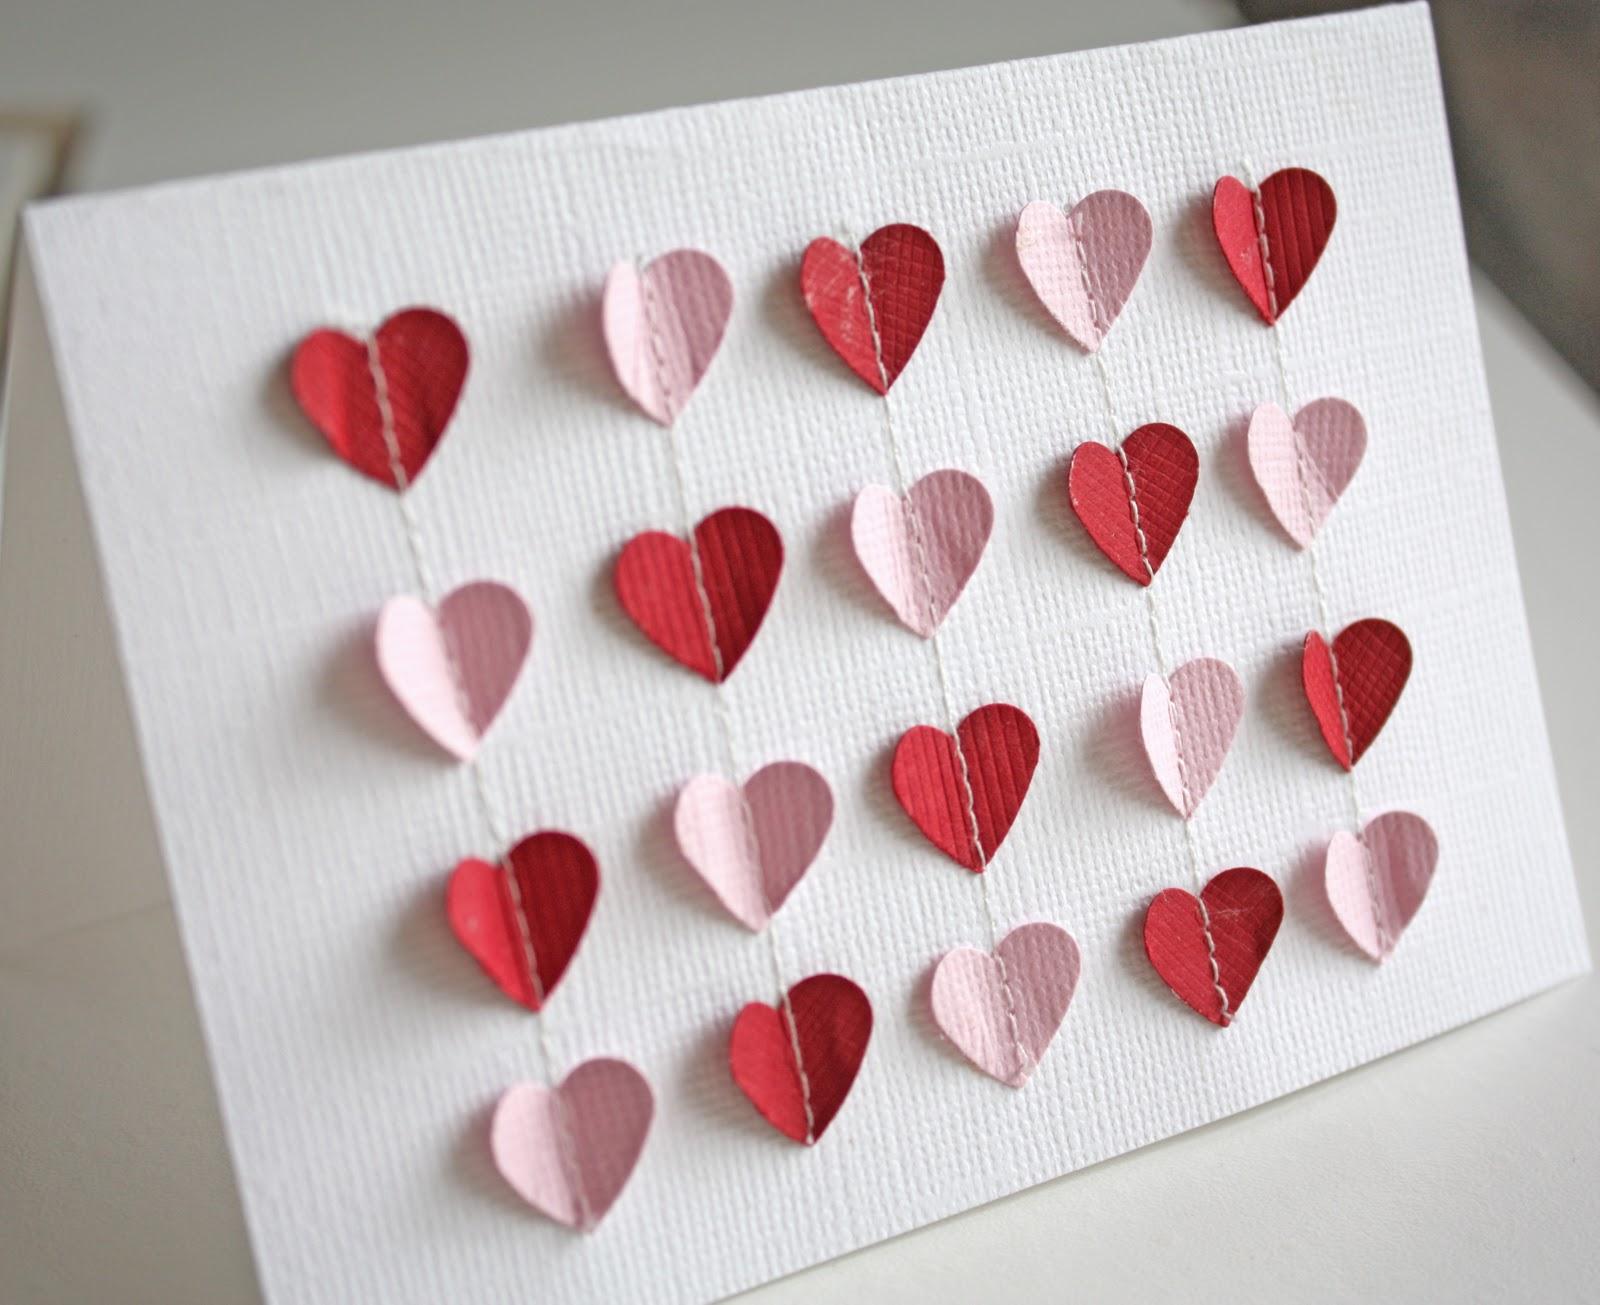 Валентинки своими руками: 100 фото 15 способов как сделать валентинки пошагово